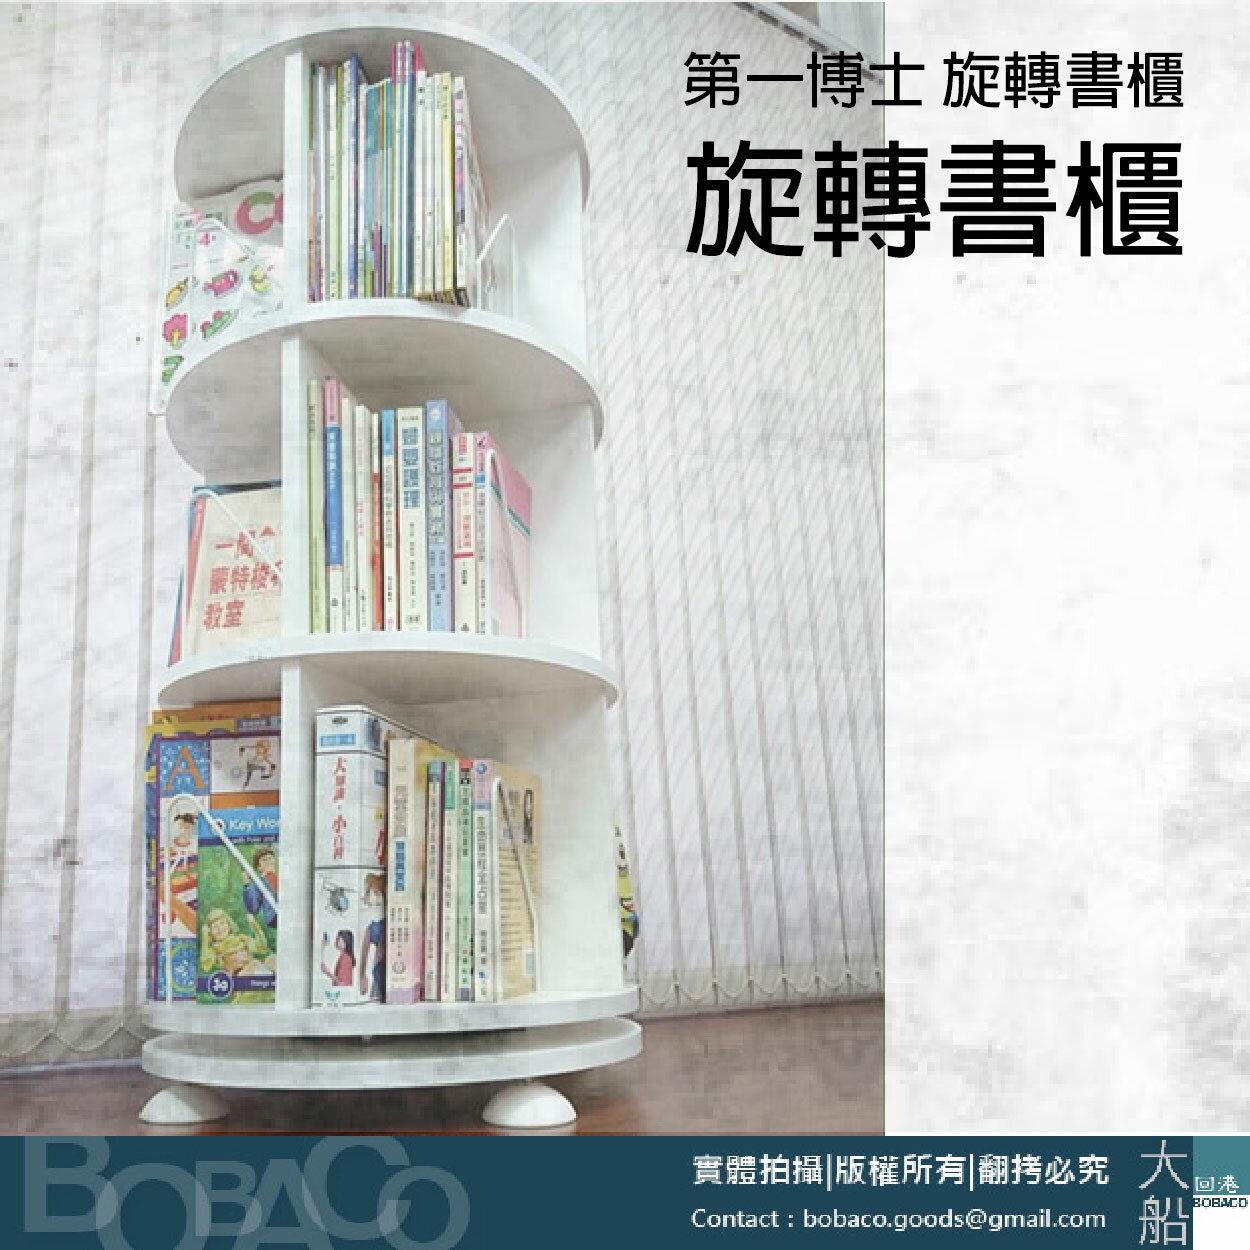 !!免運費!! 第一博士 兩層 三層 旋轉書櫃 / 置物架 置物櫃 書櫃 書架 / 展示架 展示櫃 收納櫃 櫥櫃 櫃子 傢俱櫃 書桌椅